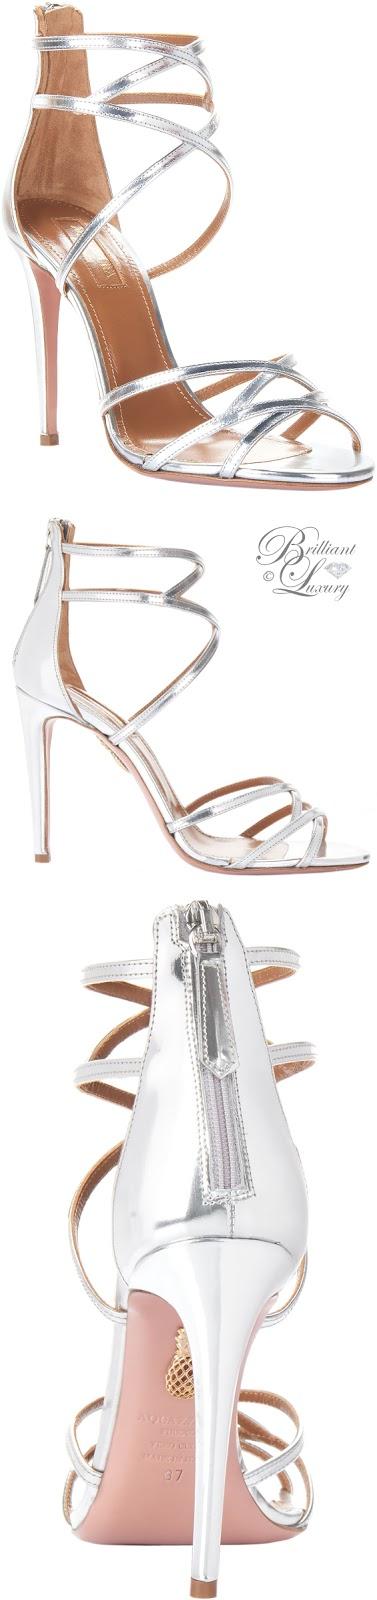 Brilliant Luxury ♦ Aquazzura Dutchesse Sandals